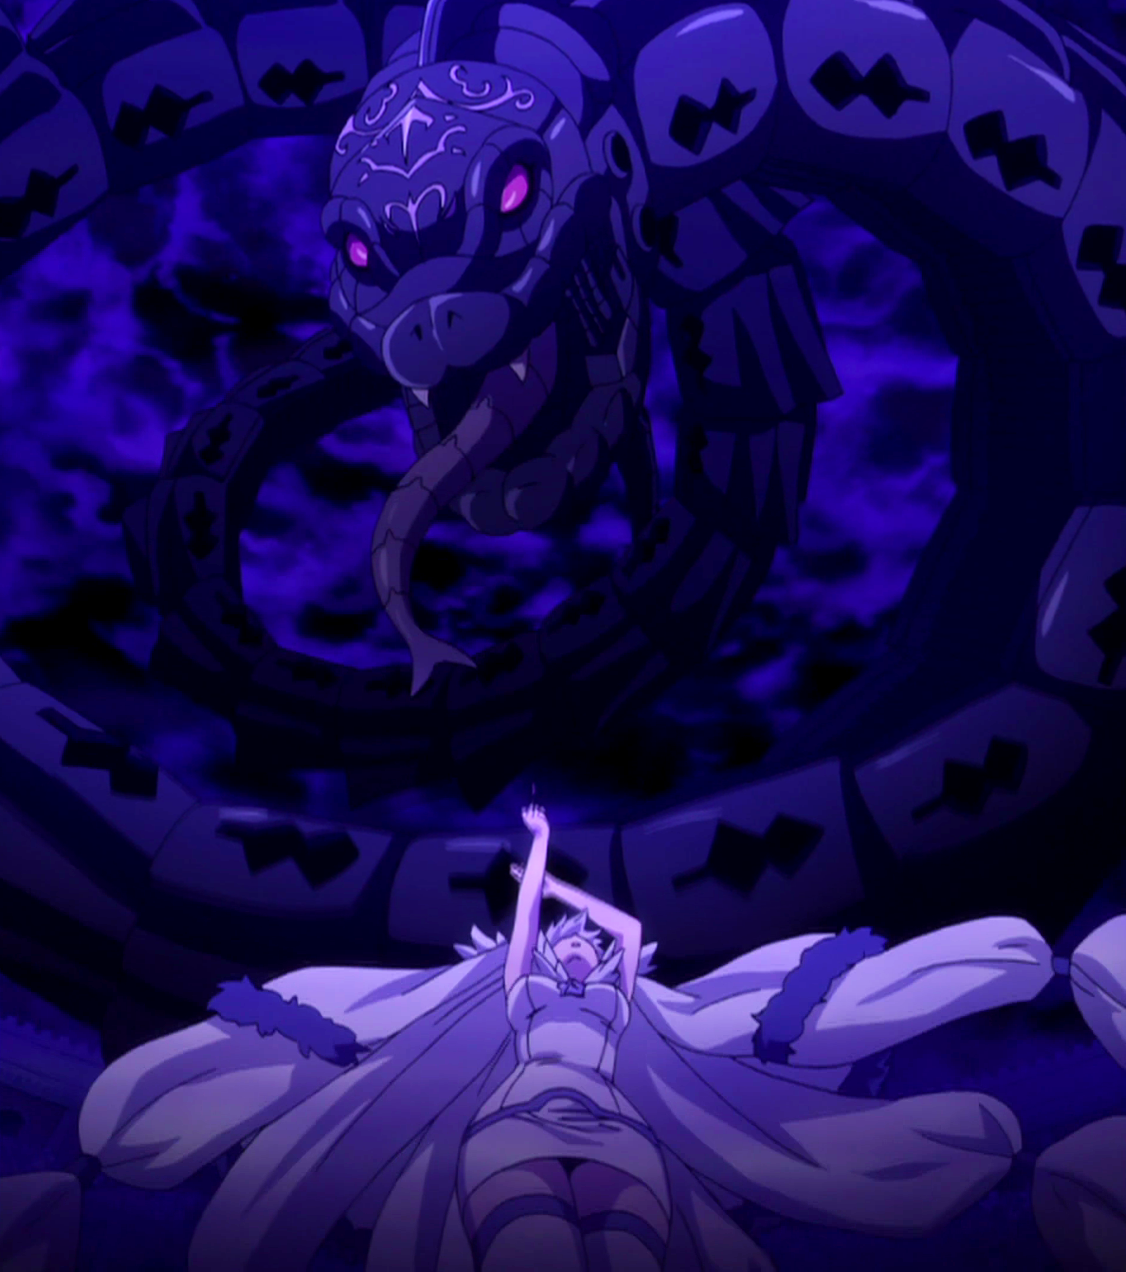 Fairy Tail The 13th Key Fairy Tail Celestial Personagens De Contos De Fadas